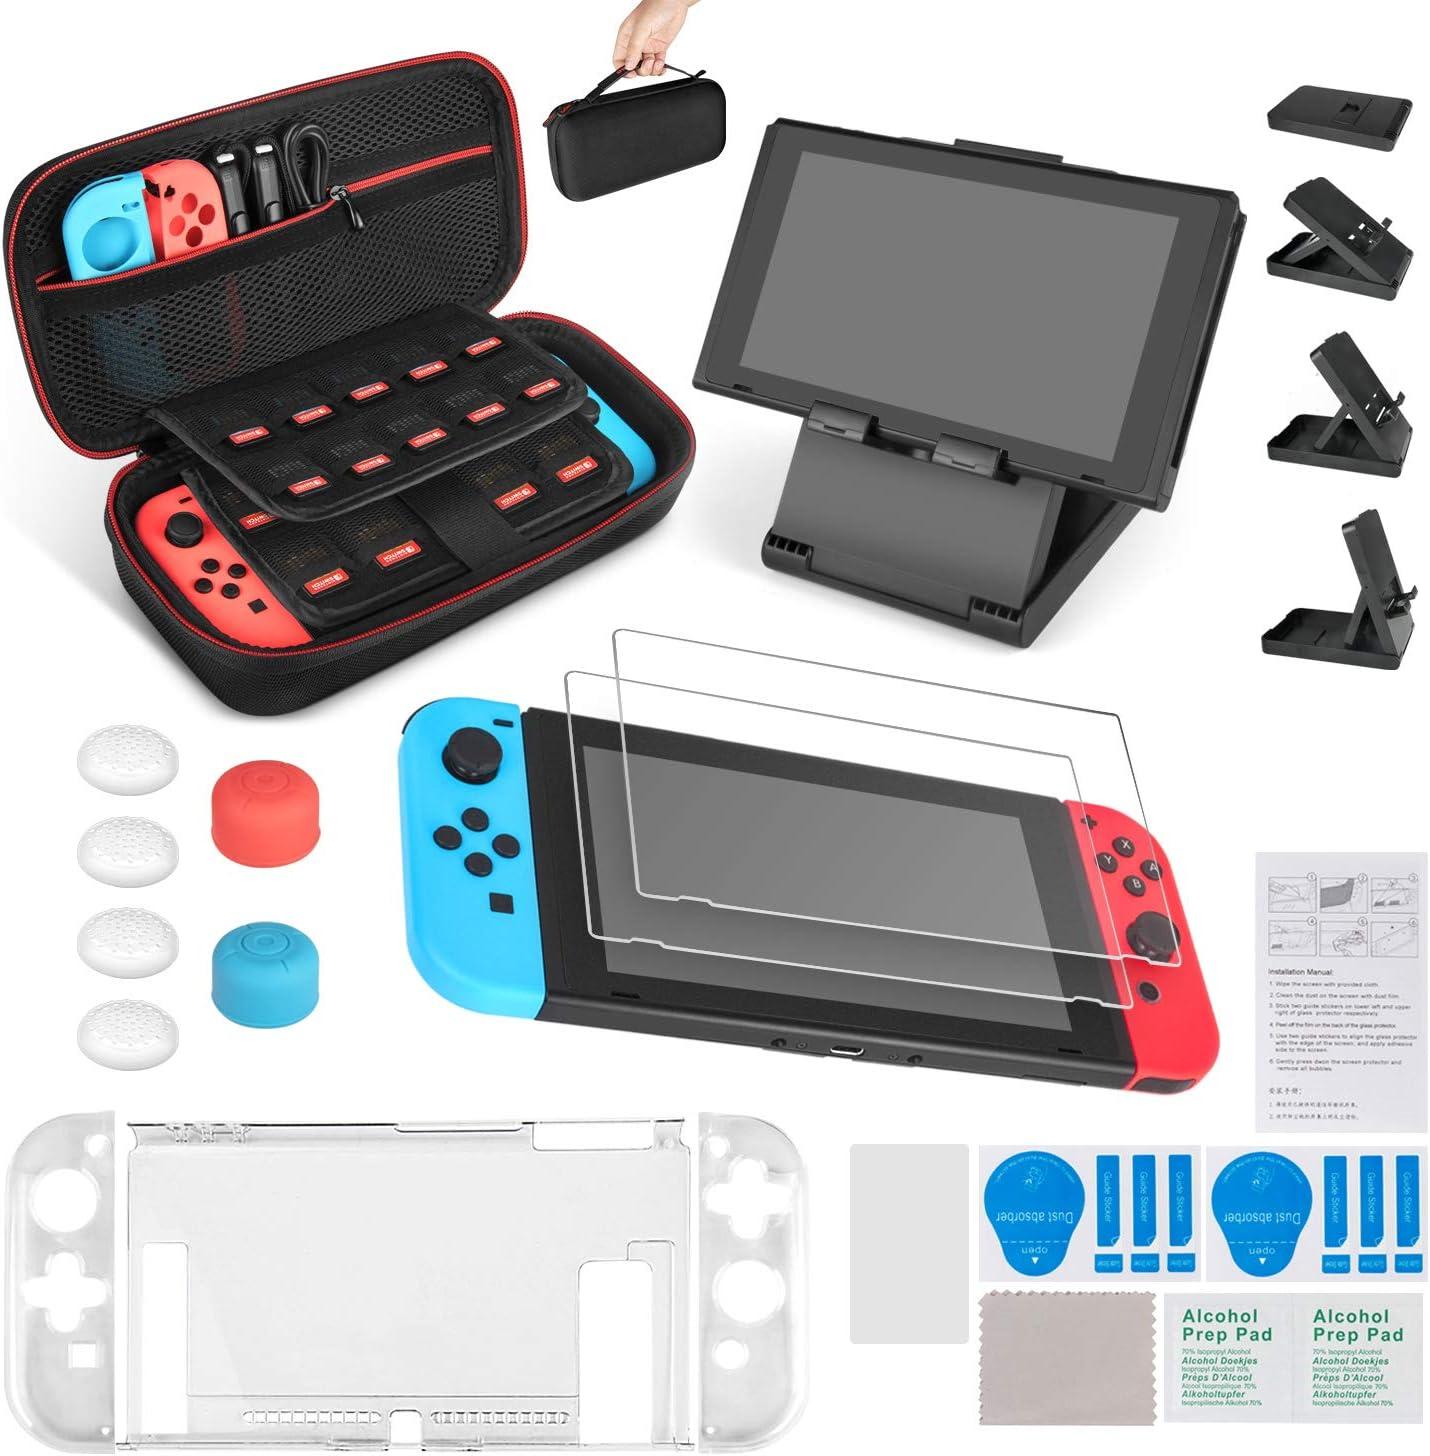 Keten kit de accesorios 13 en 1 para Nintendo Switch, incluye una funda de transporte para Nintendo Switch / Funda Transparente / Soporte regulable / Protector de pantalla HD (2 paquetes)